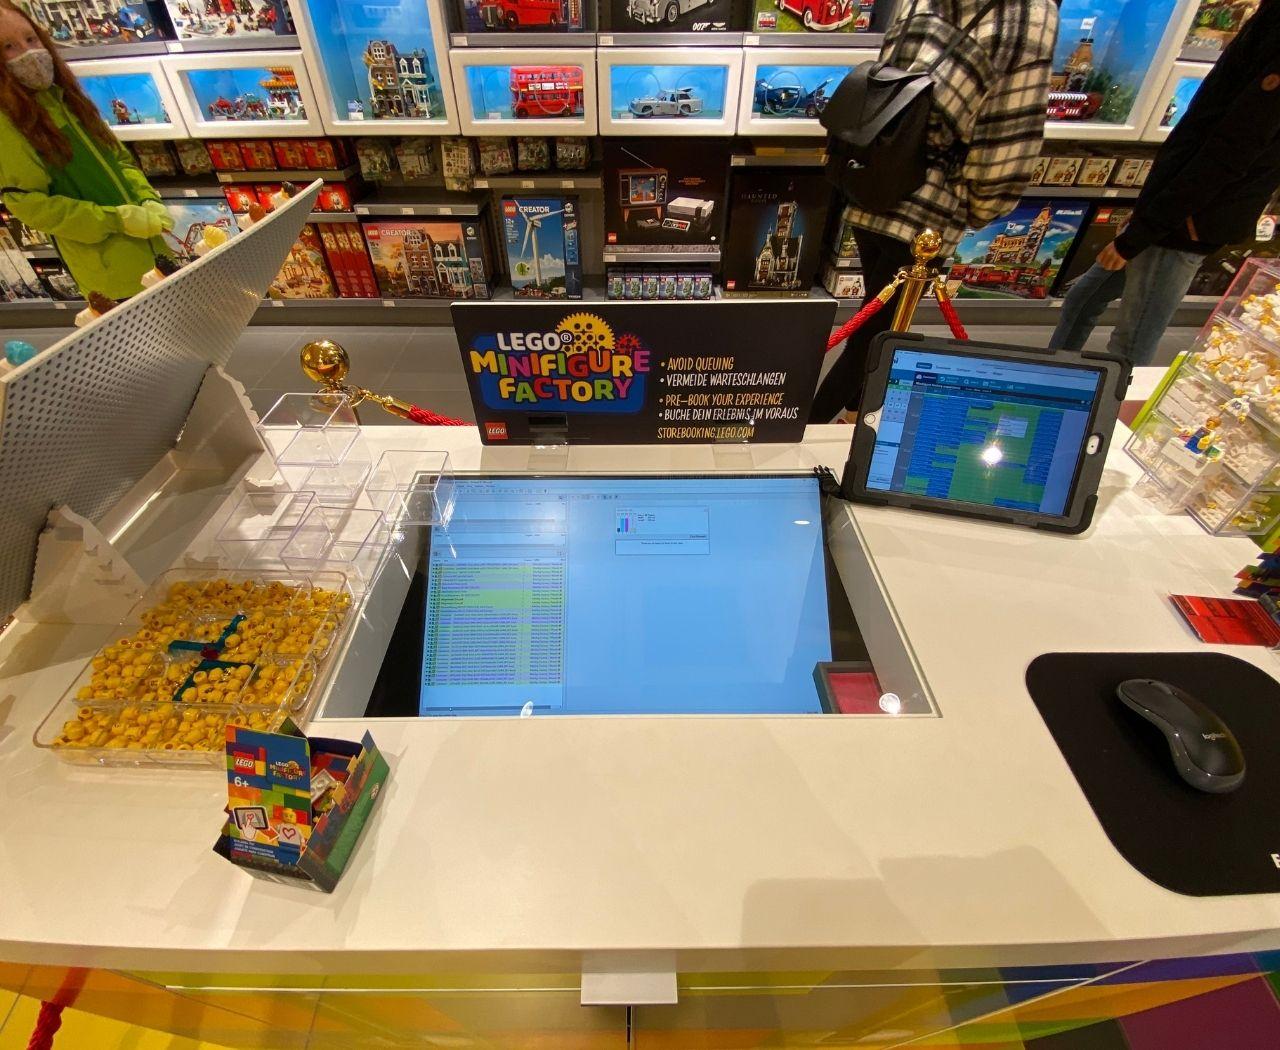 LEGO bietet eine kleine Figuren-Fabrik im Geschäft